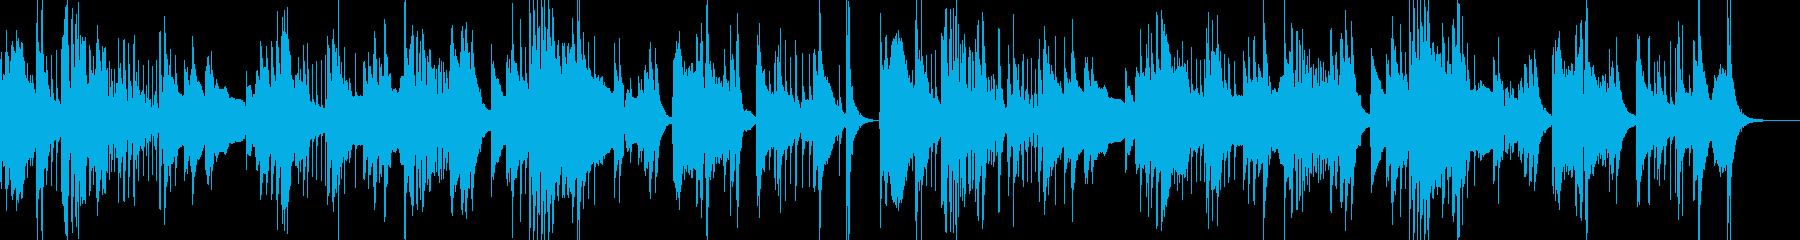 和風 お琴と尺八と三味線の雅な調べ 1の再生済みの波形